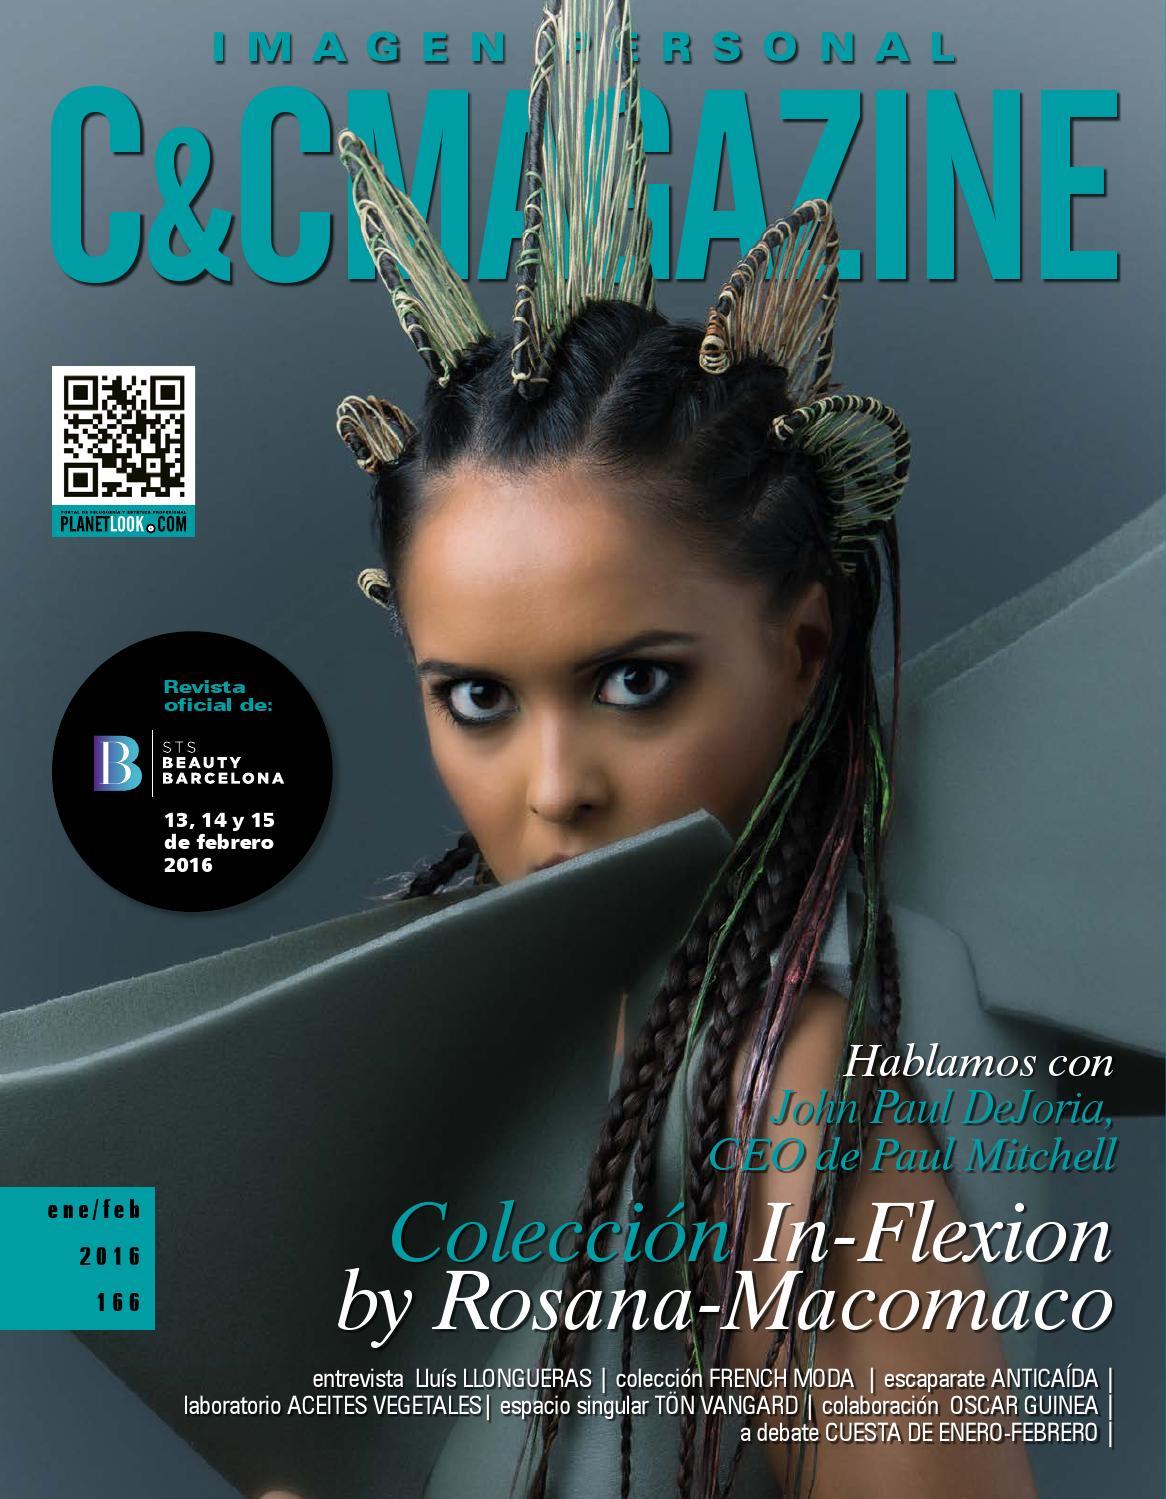 166c&cmagazine by C&C Magazine - issuu